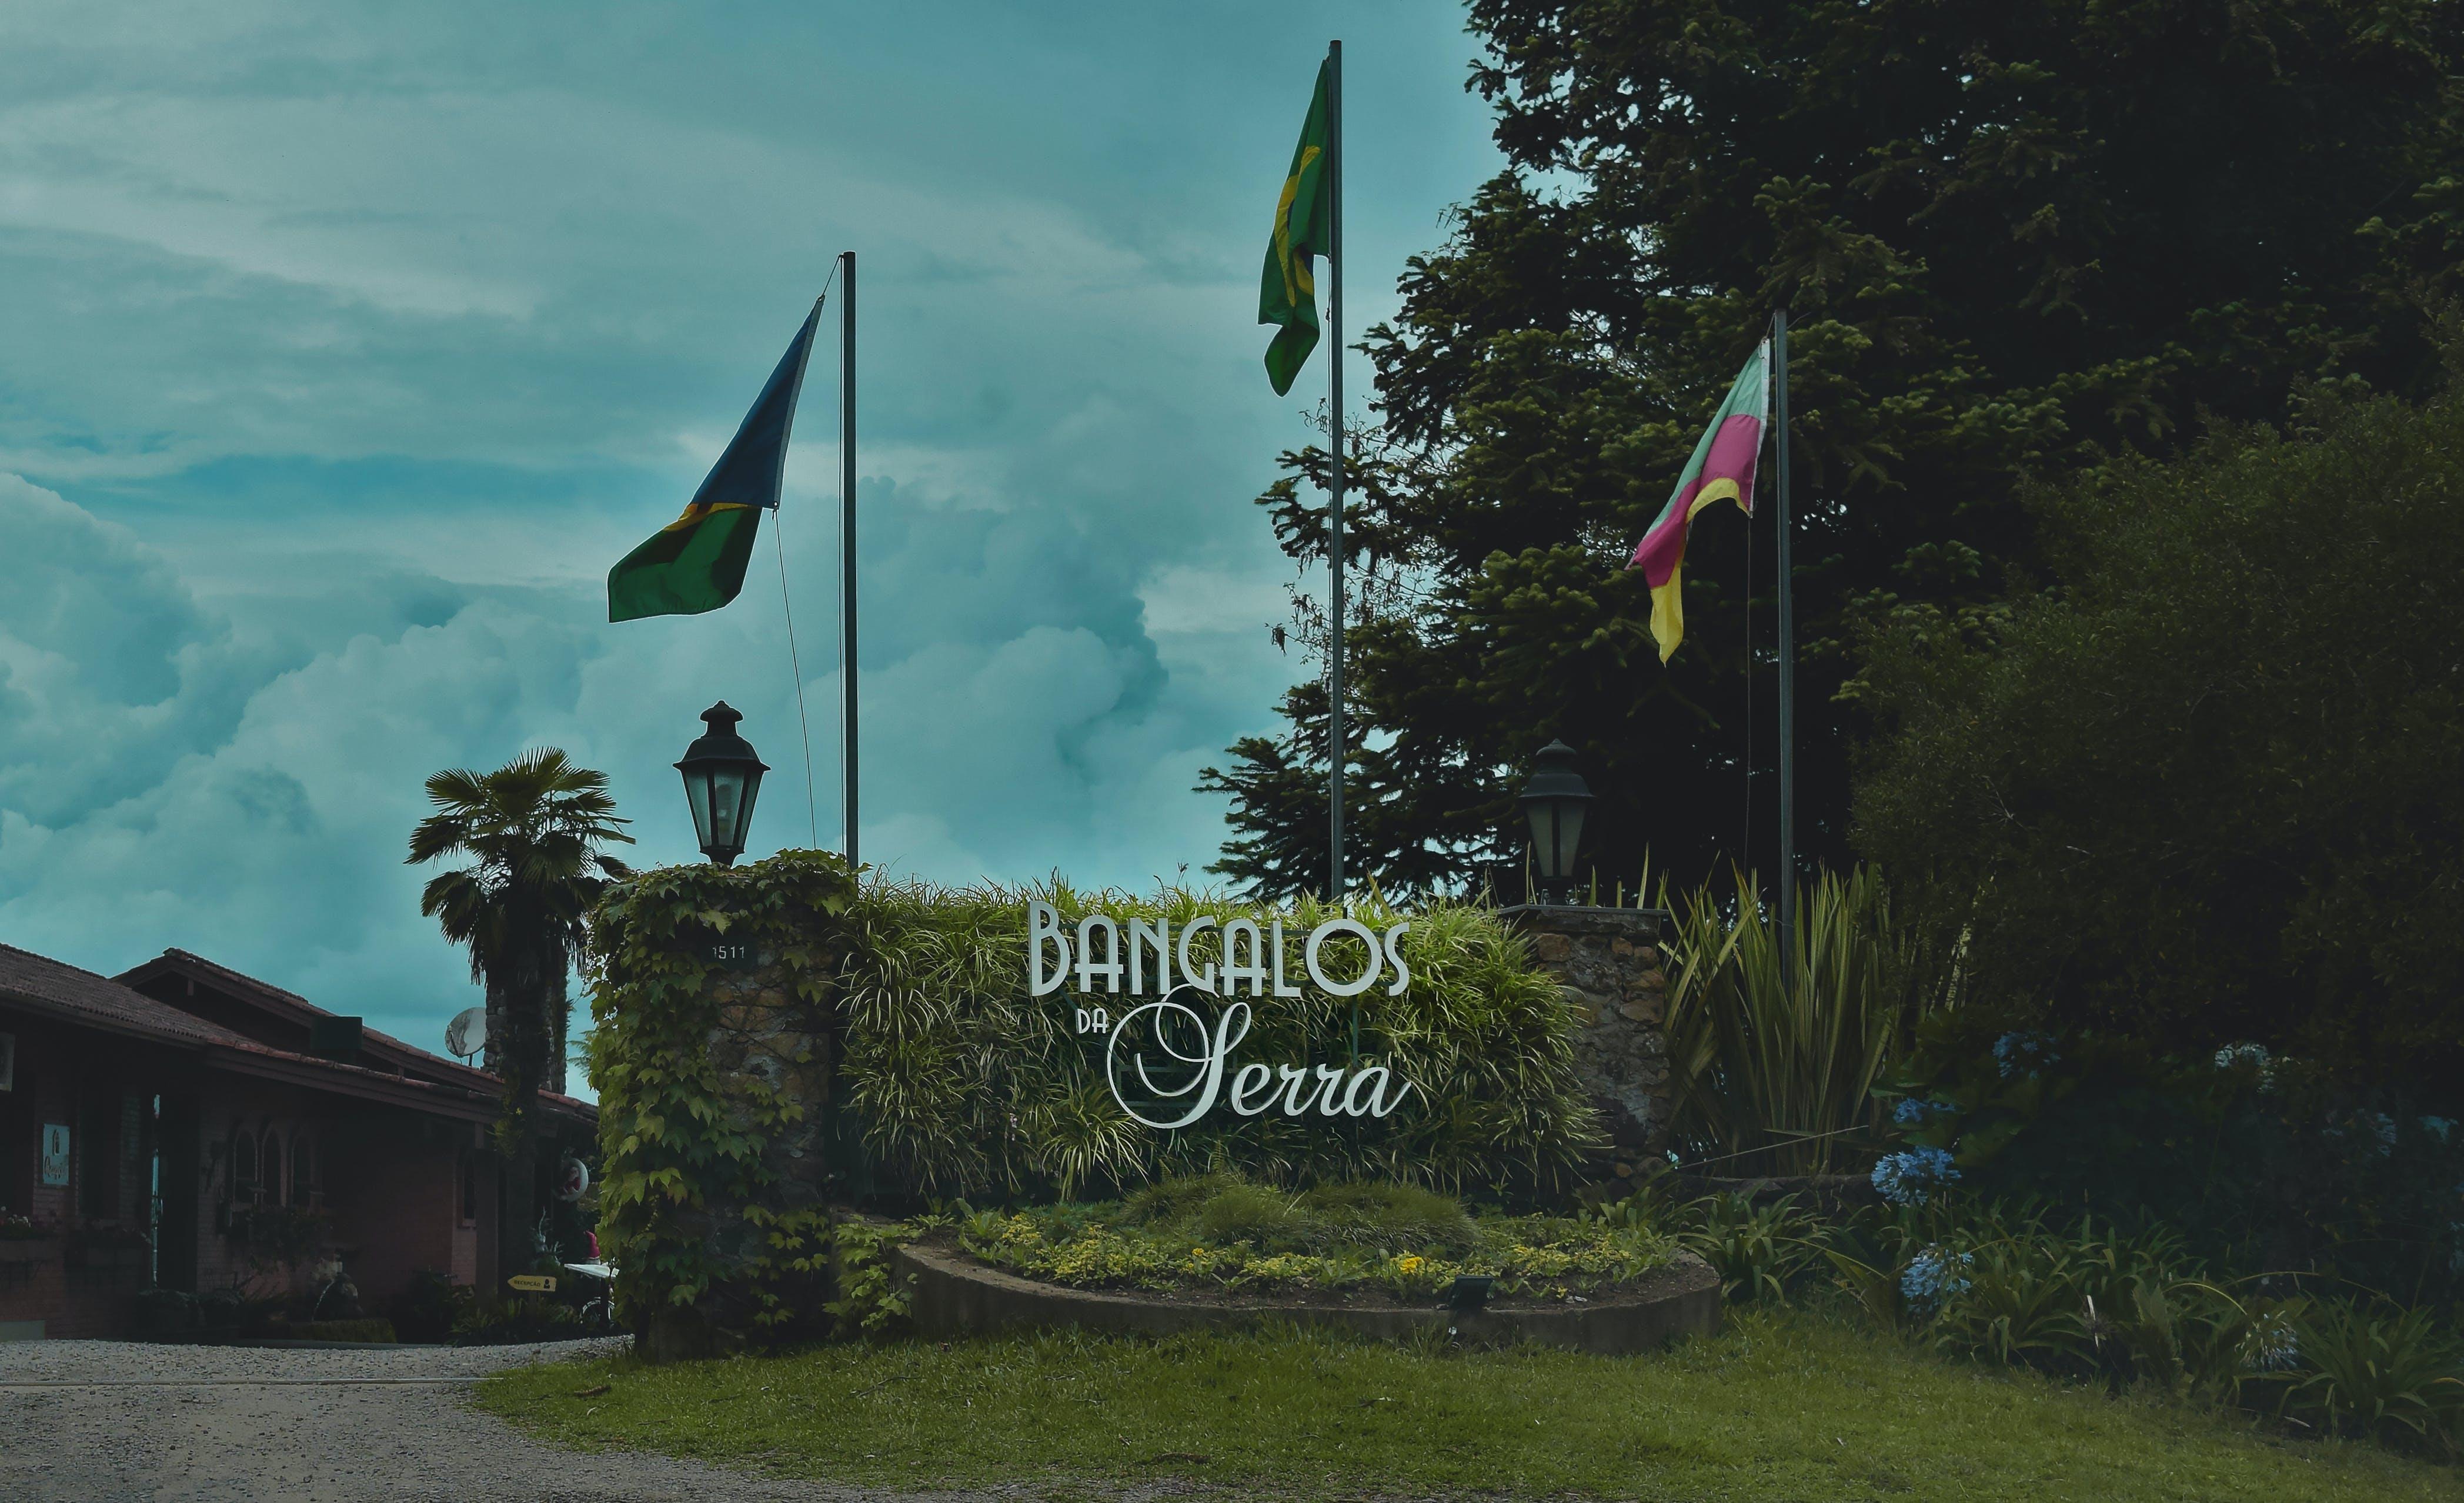 Gratis lagerfoto af bangalos da serra, blå himmel, dagslys, flag